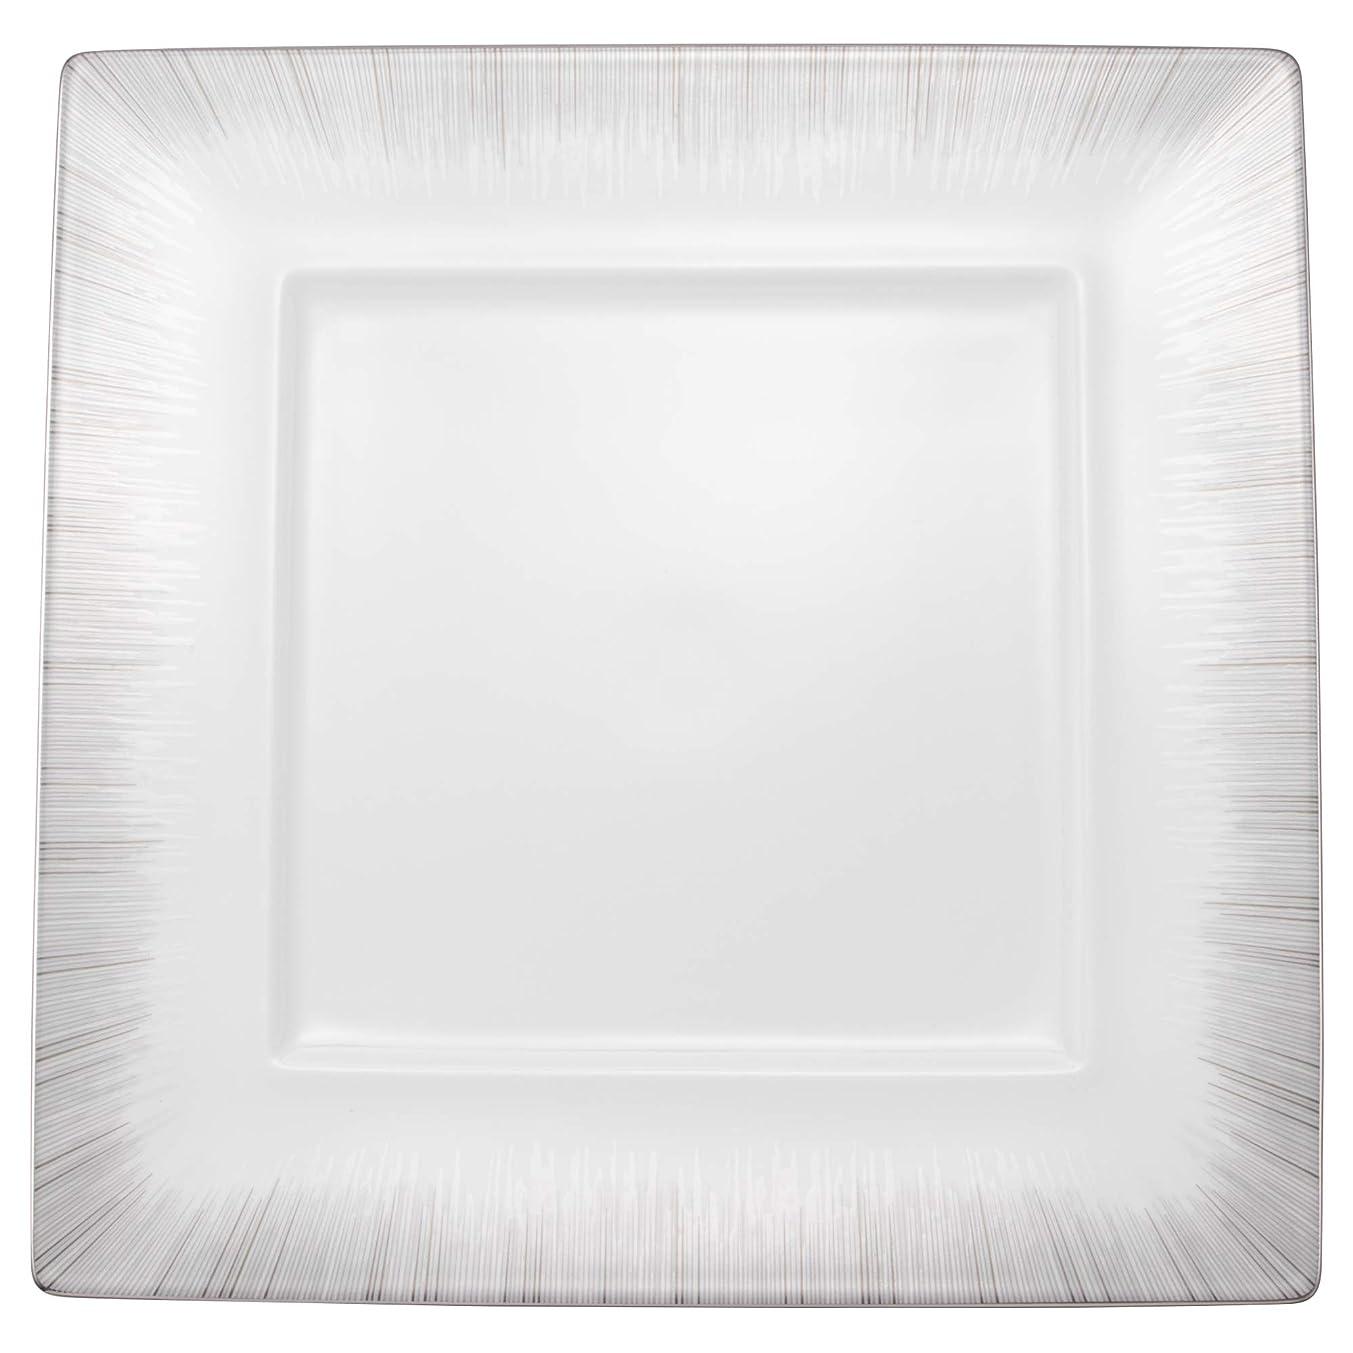 列挙するモナリザトランクNARUMI(ナルミ) プレート 皿 グローイング シルバー 27cm スクエア リム 日本製 51501-5353